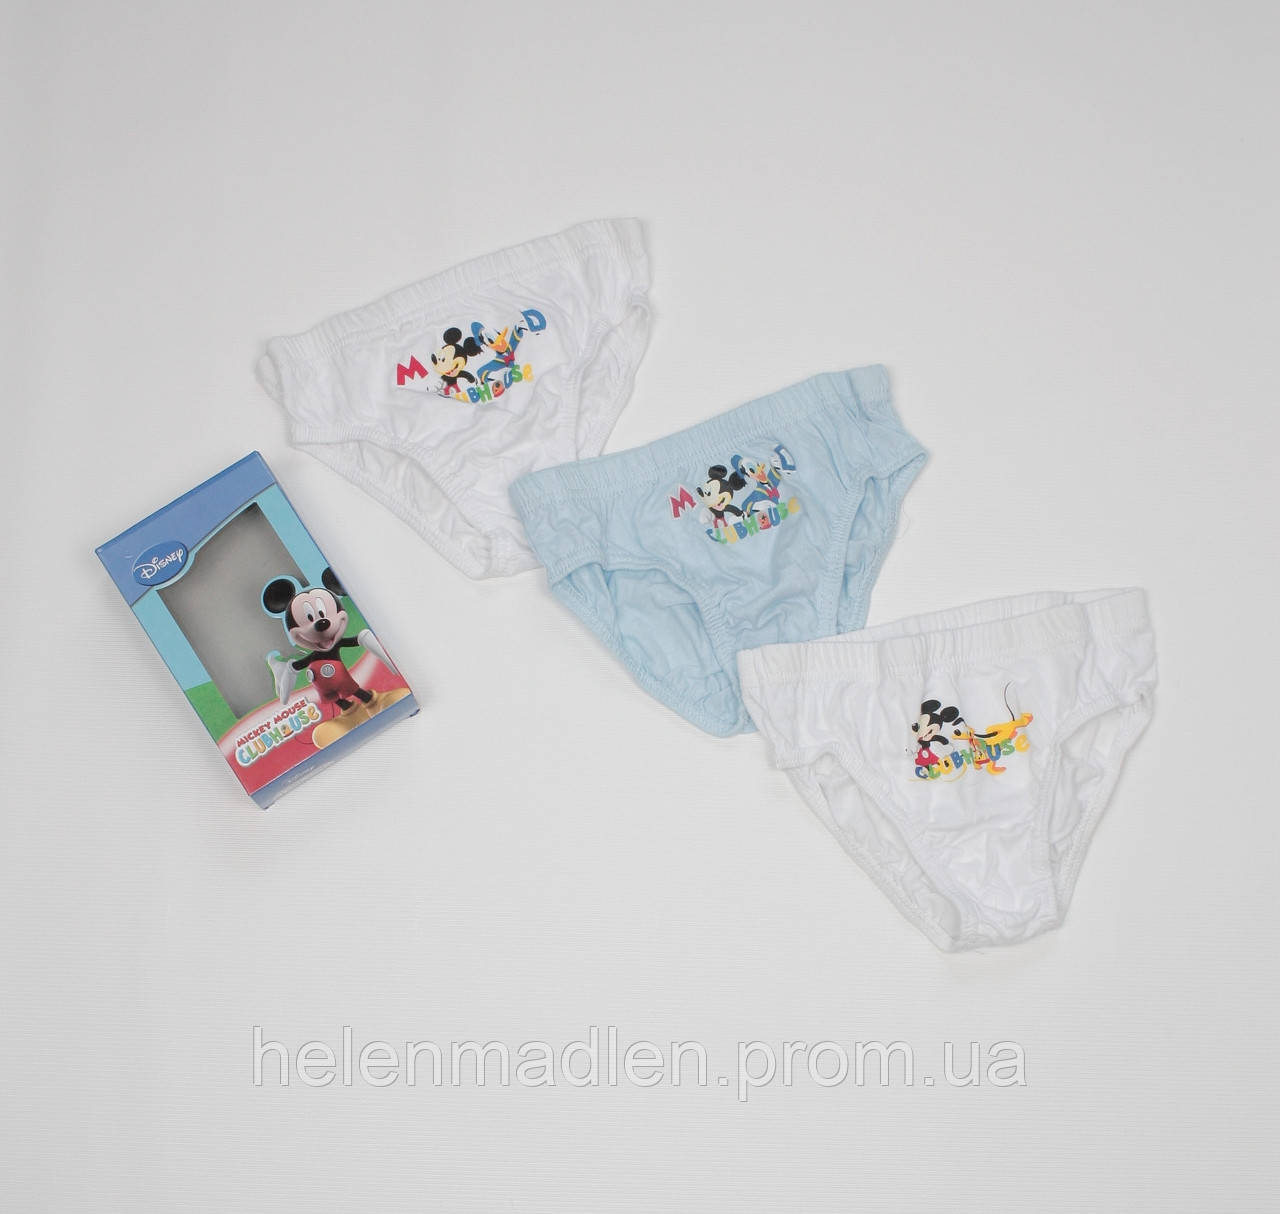 Disney трусики мальчику детские Дисней Микки Маус хлопок 8-9 лет комплект